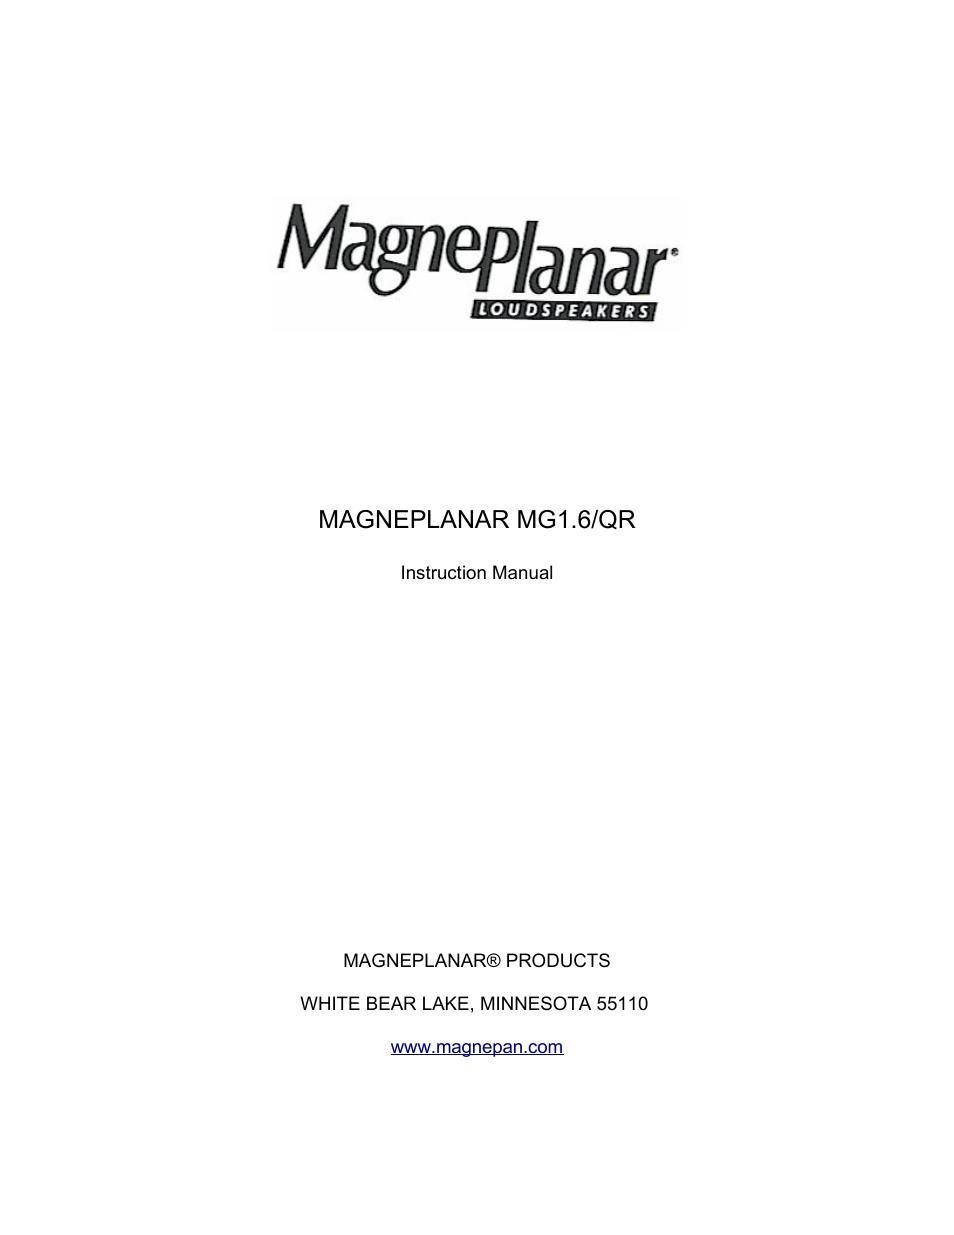 magnepan mg 1 6 user manual 9 pages rh manualsdir com Magnepan 1.7 Magnepan 1.6Qr Speakers